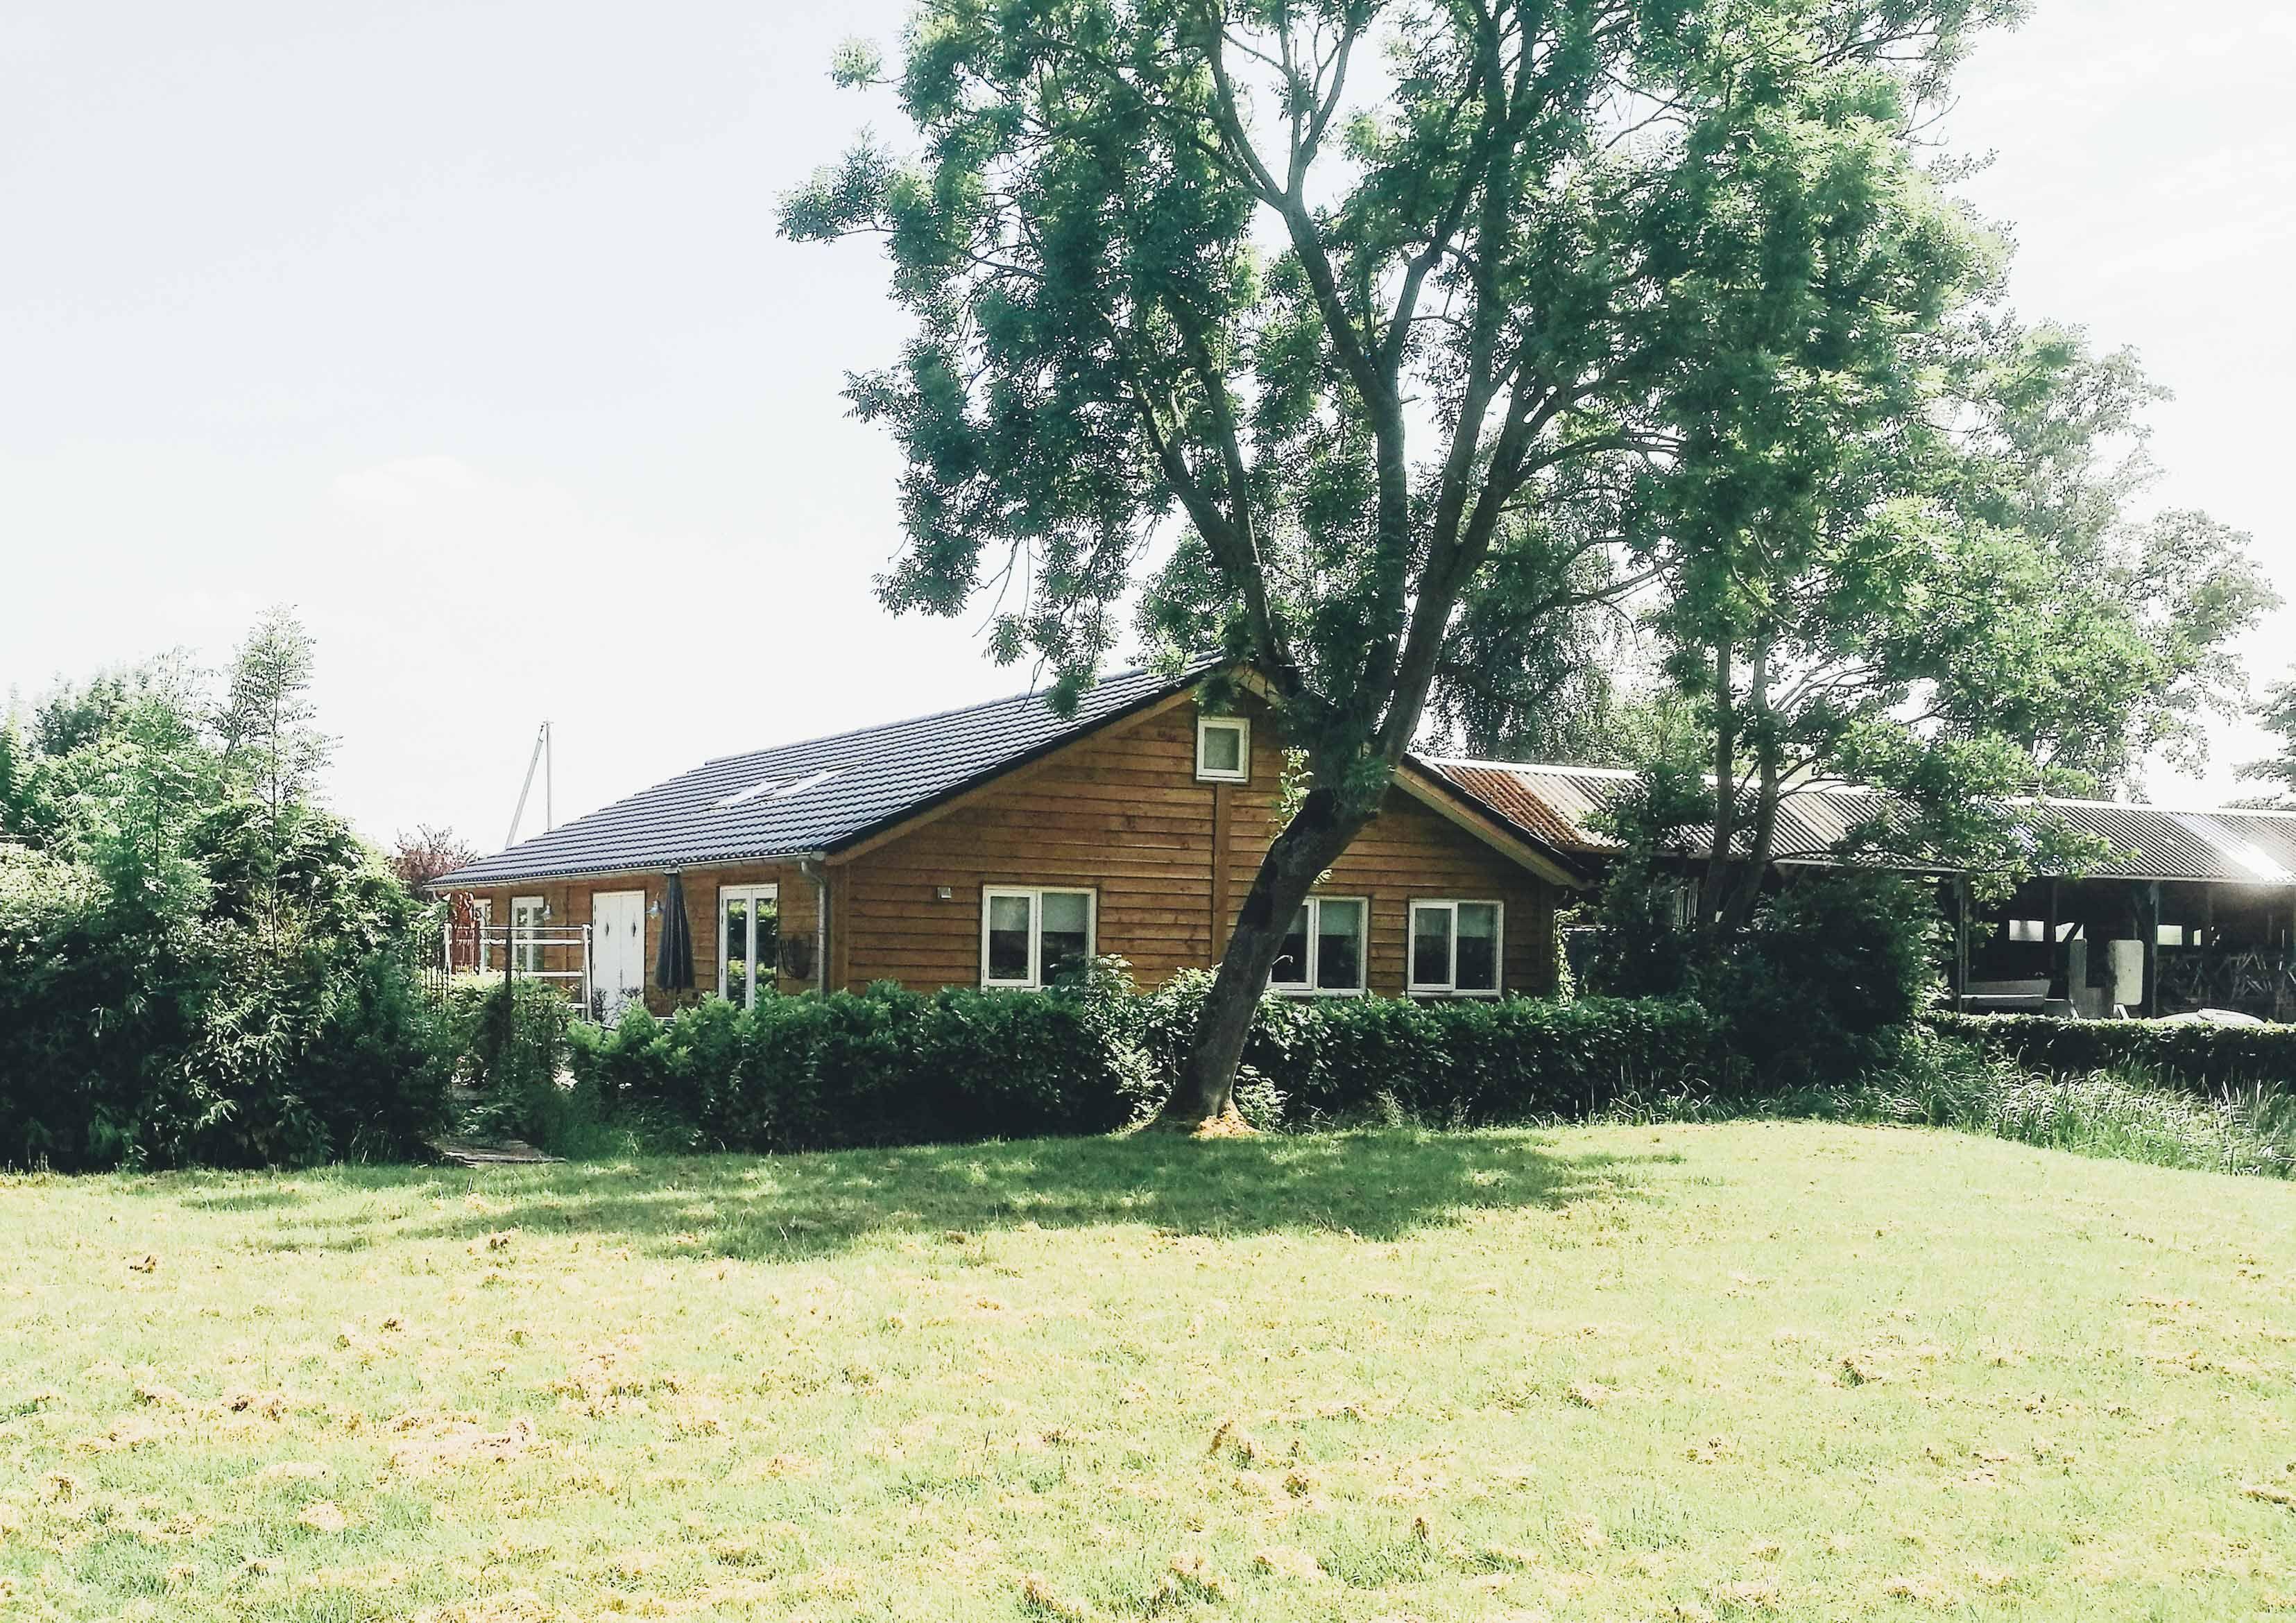 Houten landelijke woning Houten schuur, Tuinhuizen en